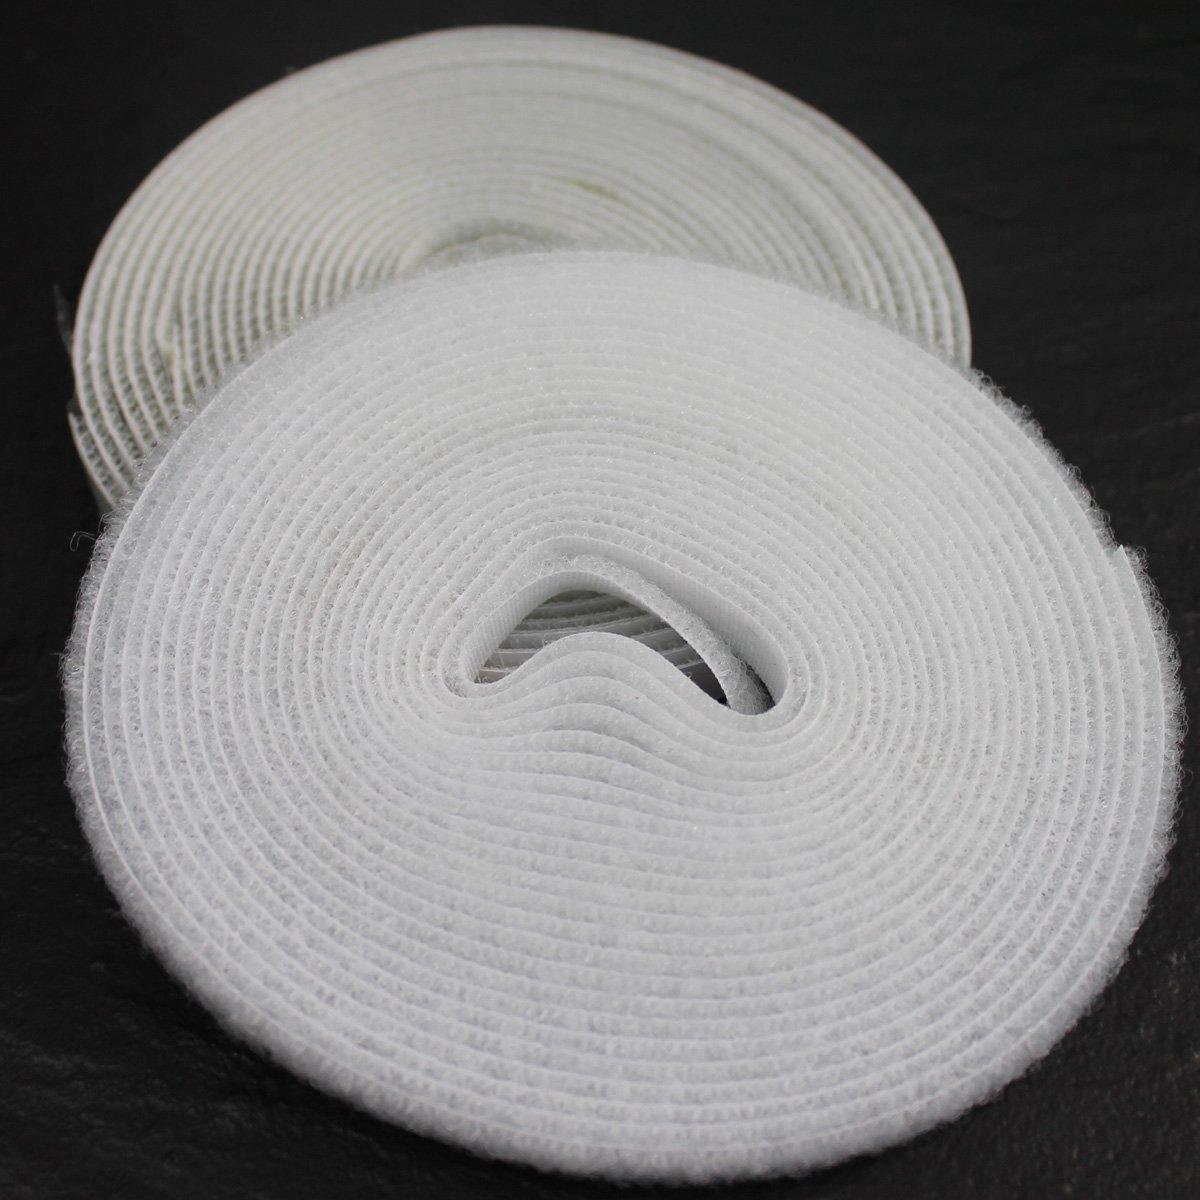 PROHEIM Klettband 5m f/ür Fliegengitter aus Fiberglas-Gewebe selbstklebendes Hakenband und Flauschband zur sicheren Befestigung von Insektenschutzgitter Befestigungsband Farbe:Anthrazit